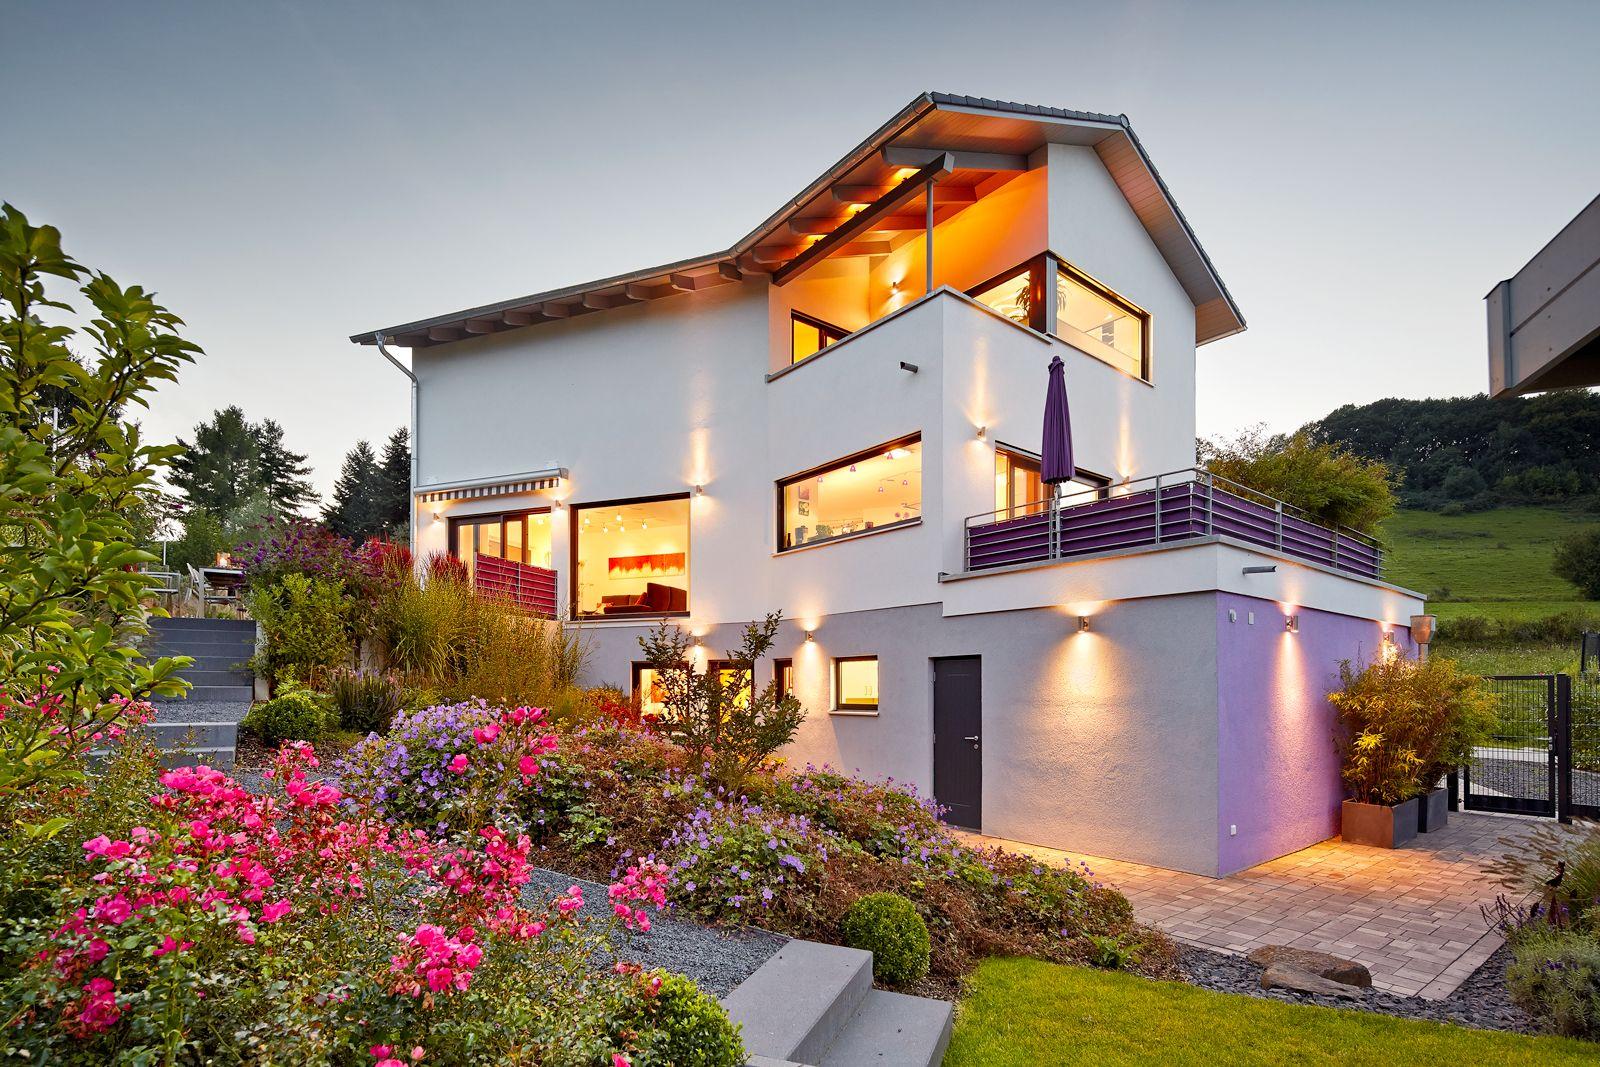 satteldach landhaus 129 an diesem haus erkennt man deutlich die, Terrassen ideen